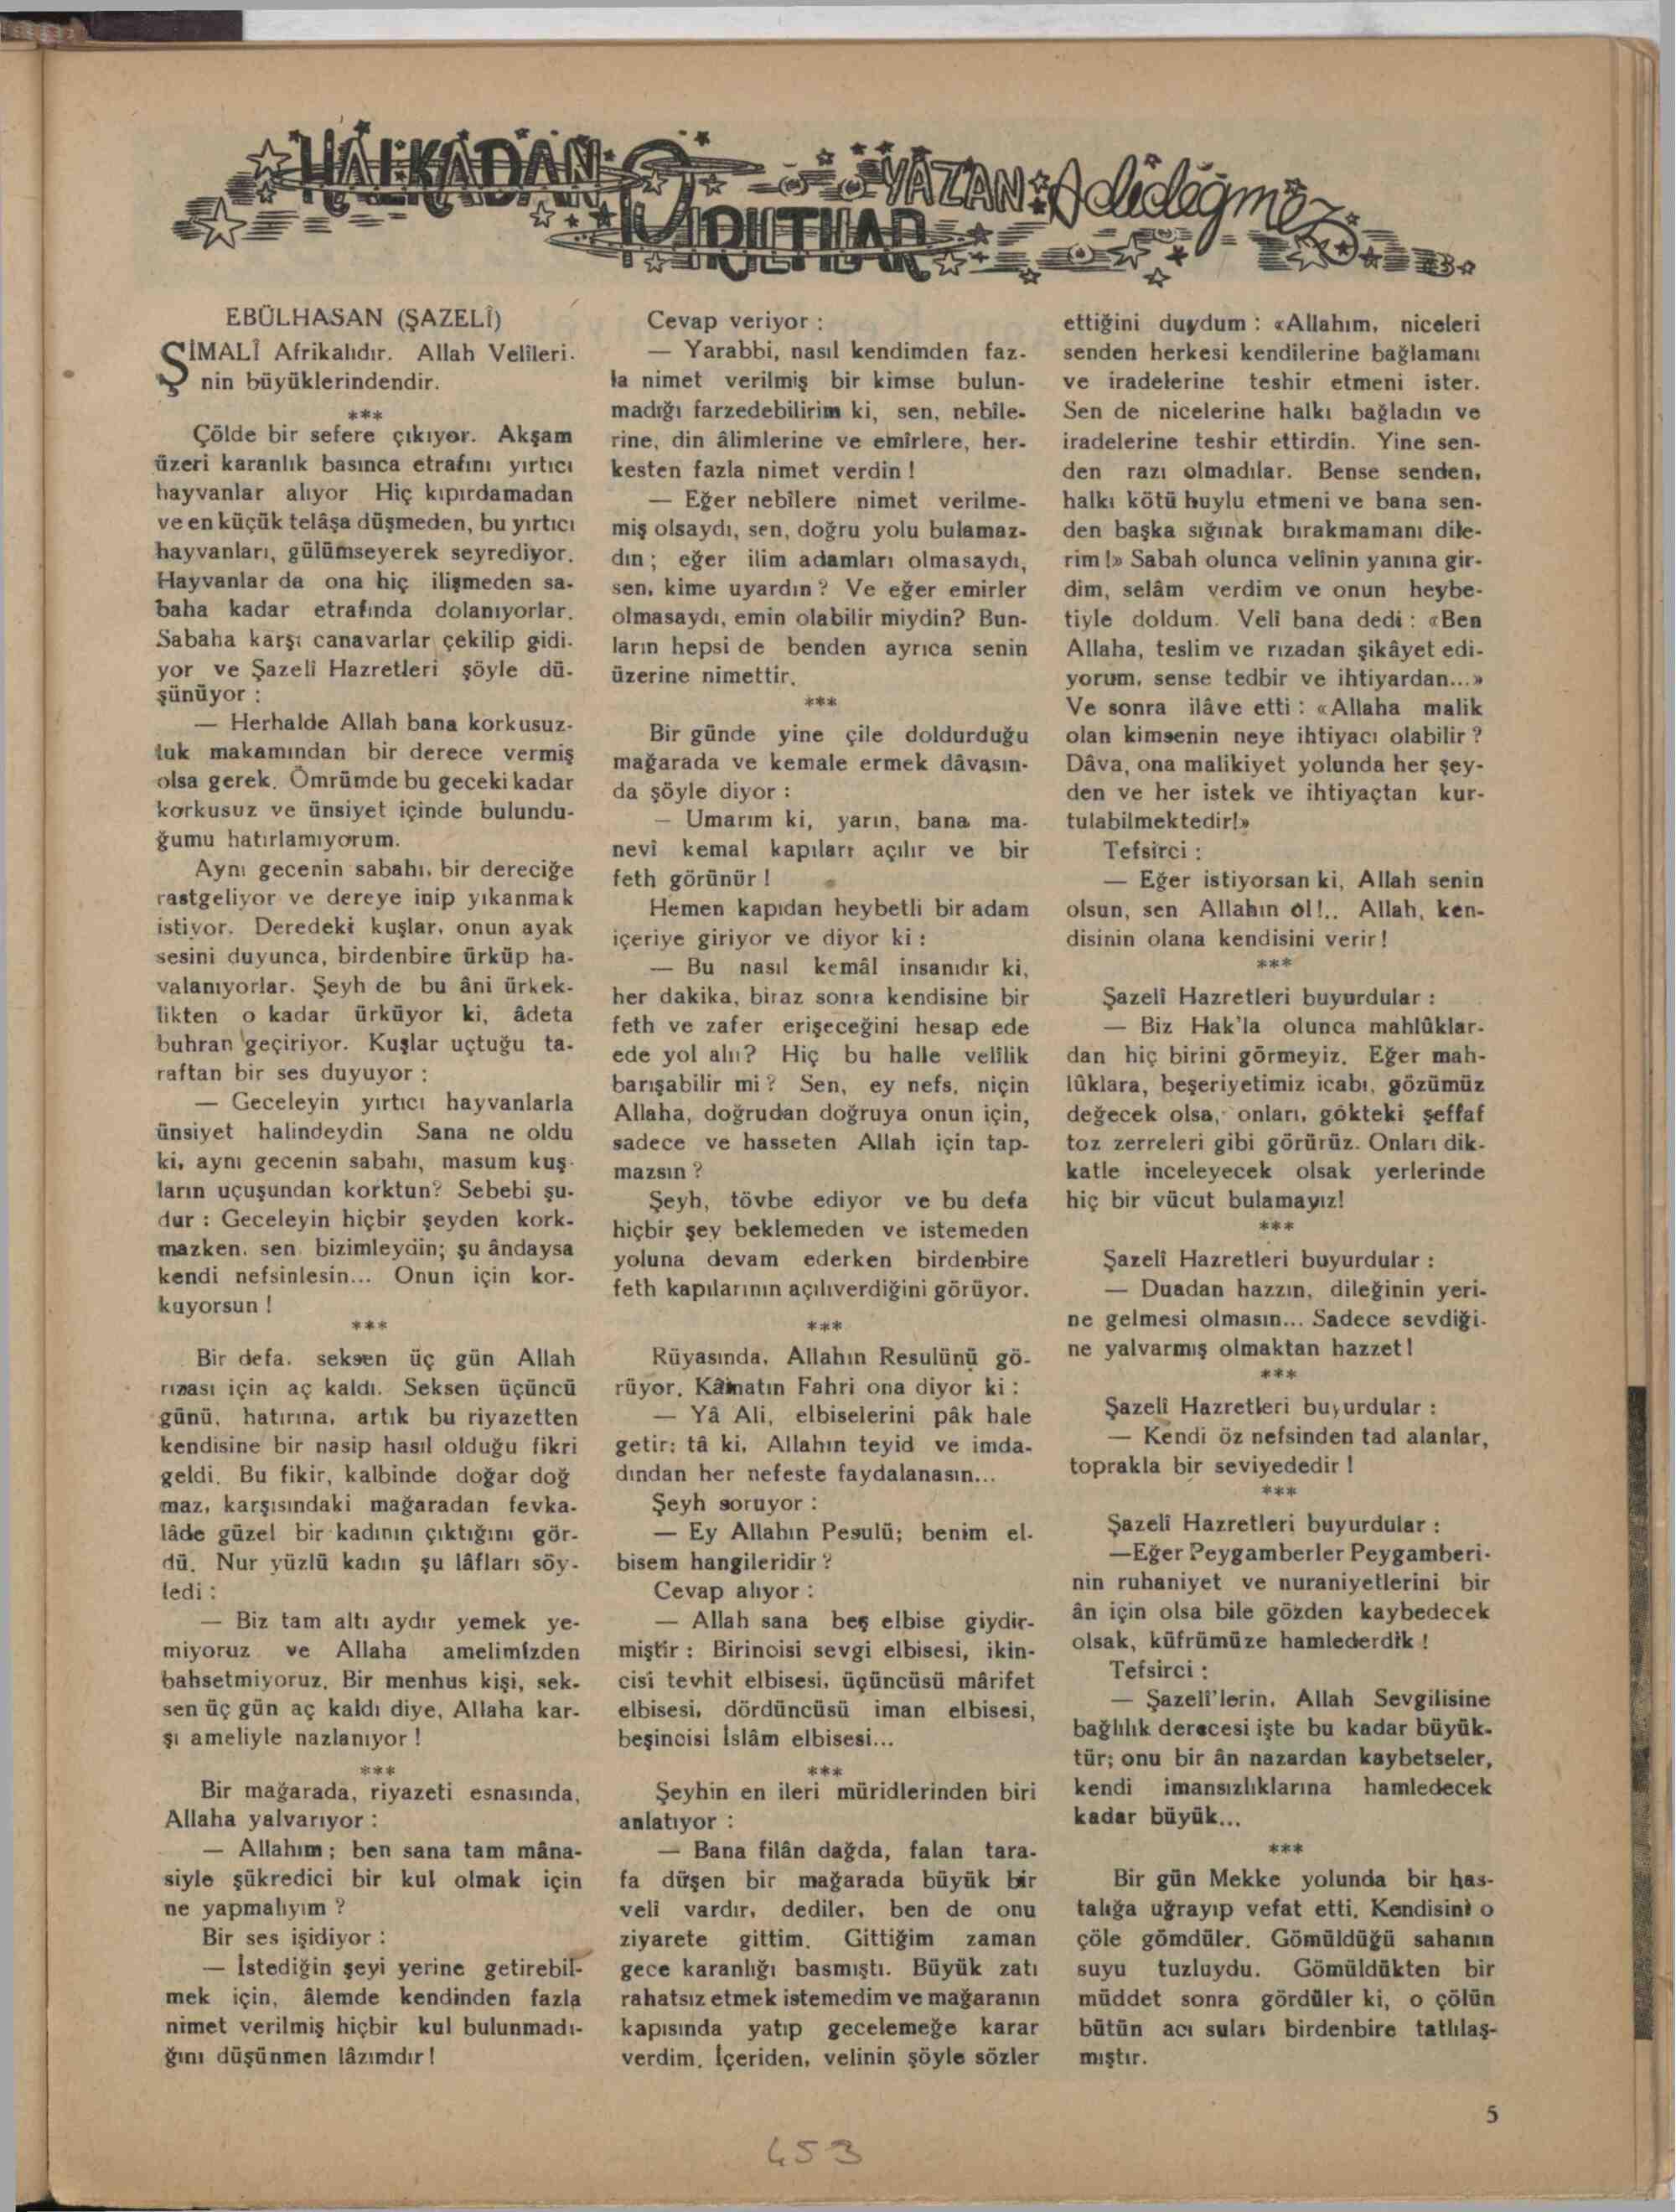 20 Şubat 1948 Tarihli Büyük Doğu Dergisi Sayfa 5